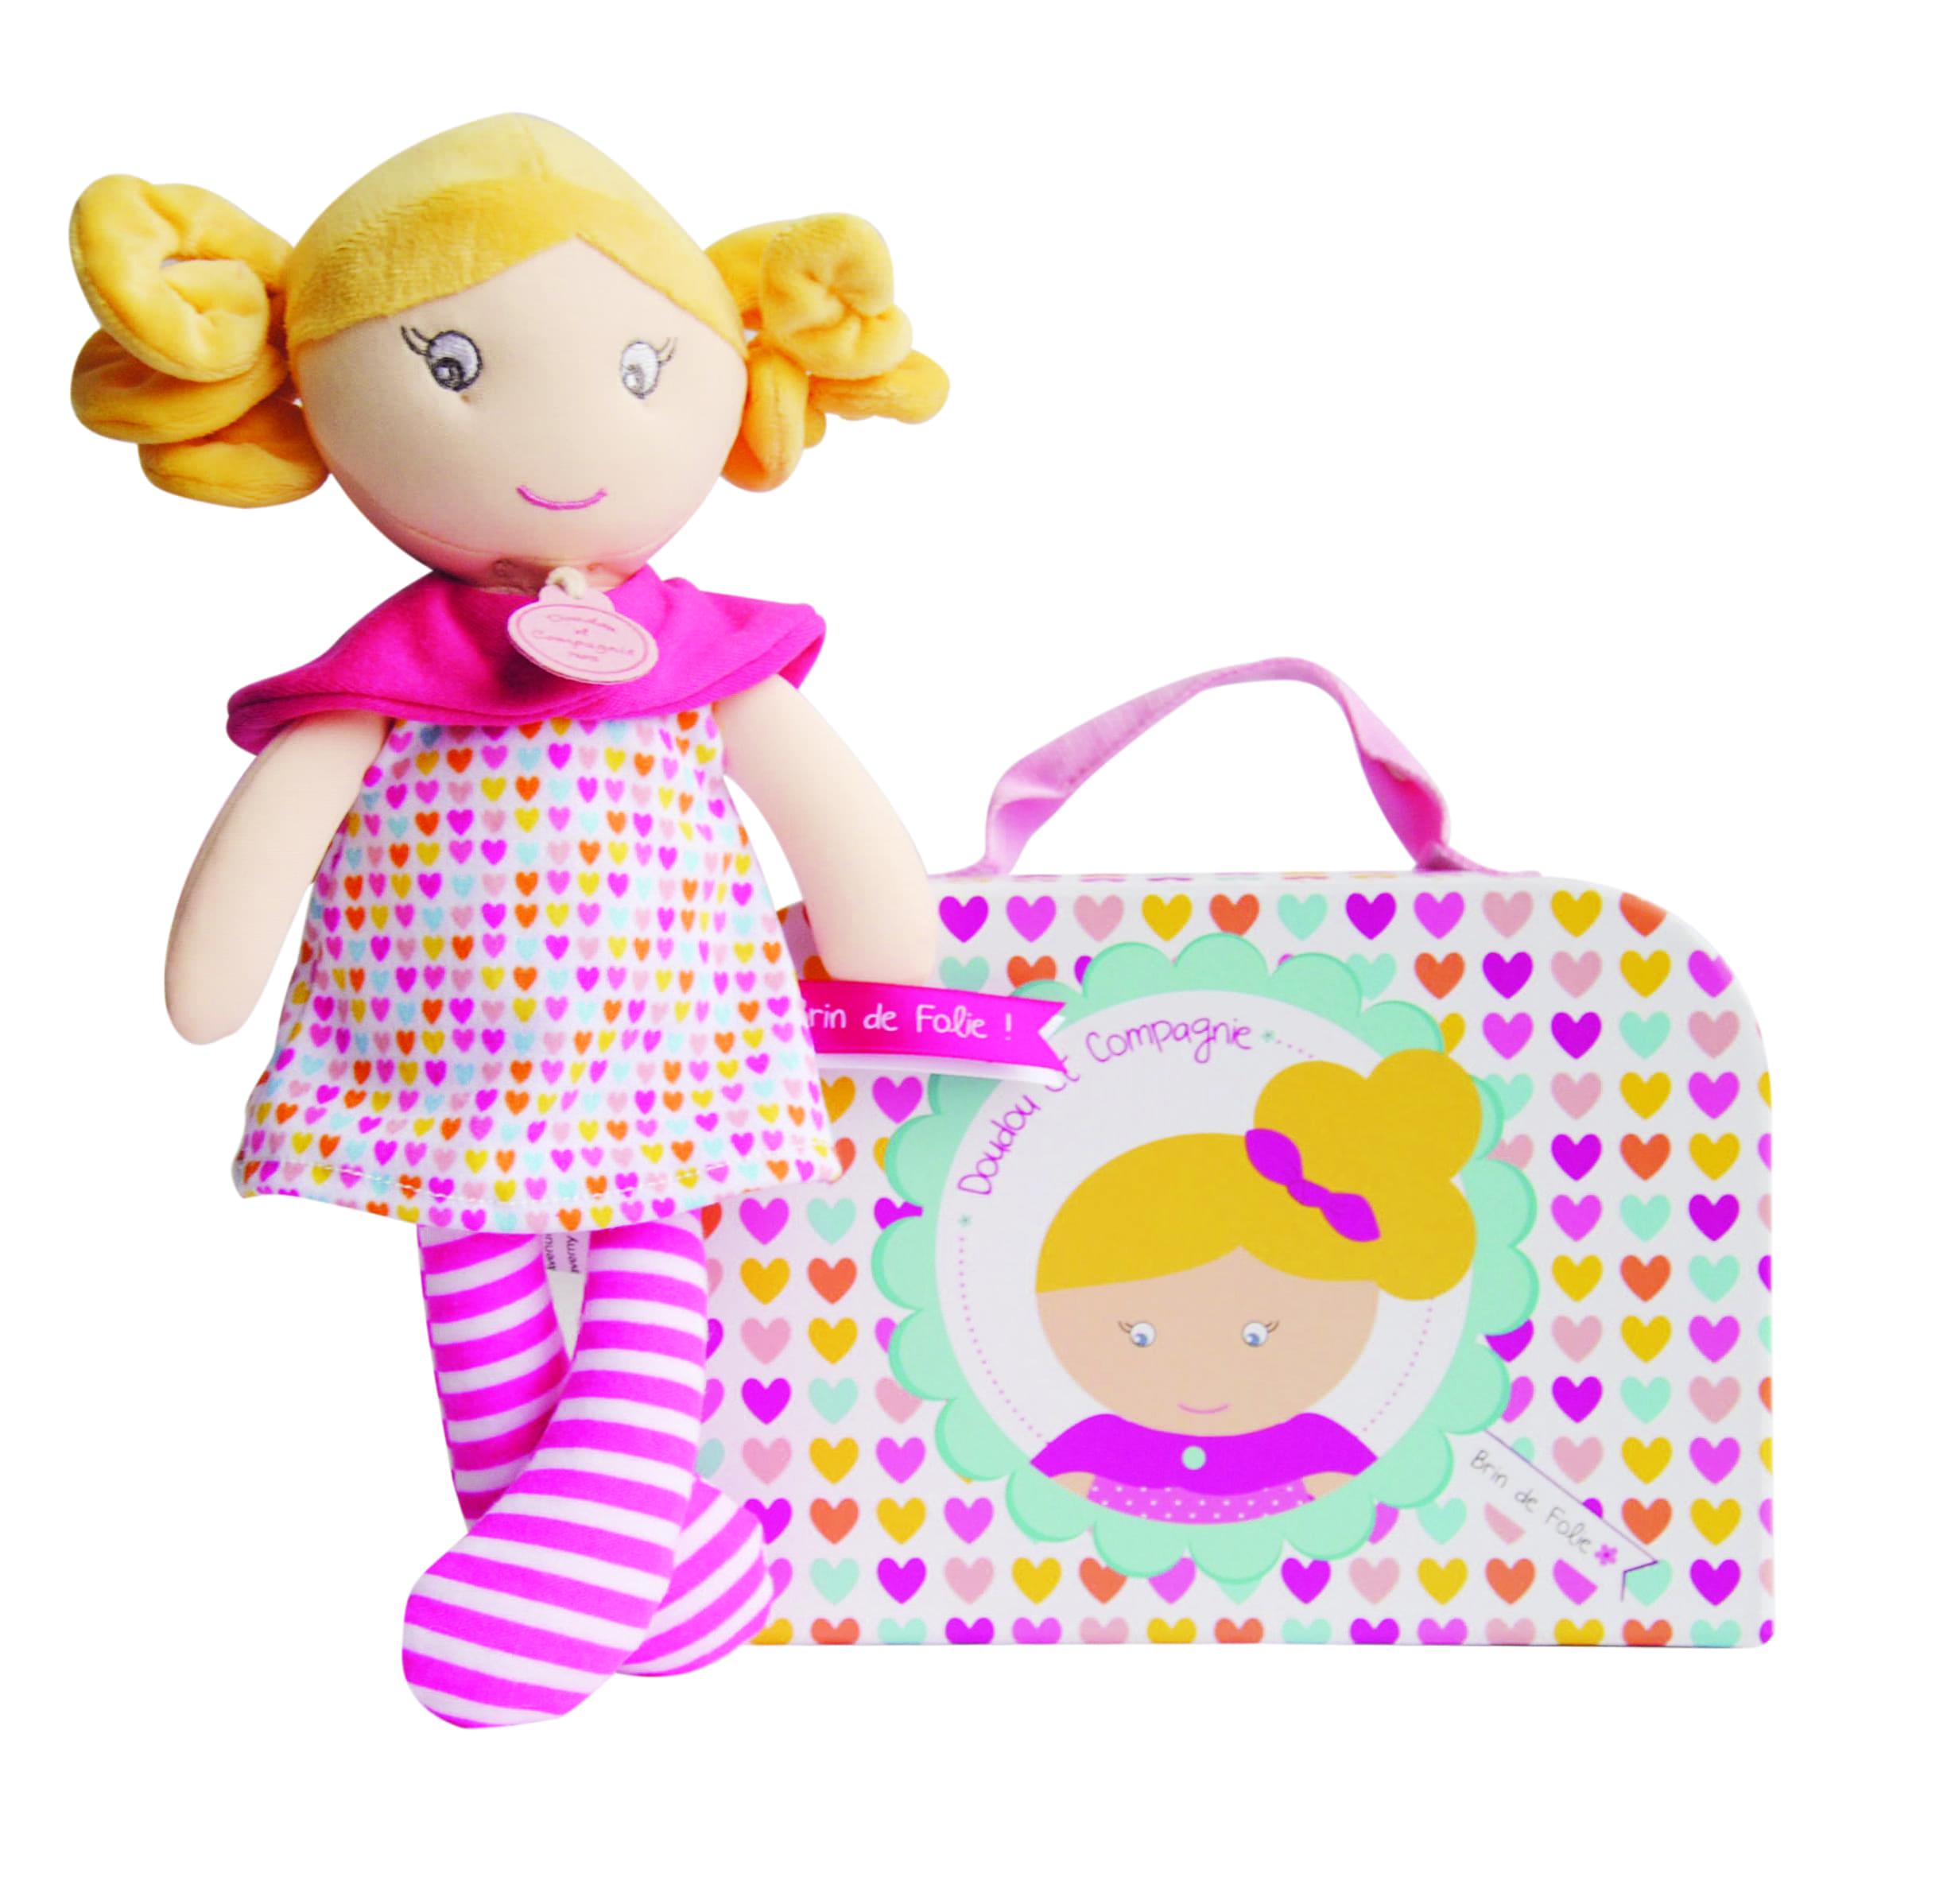 Doudou-текстилна кукла Госпожица Дуду:сърчица